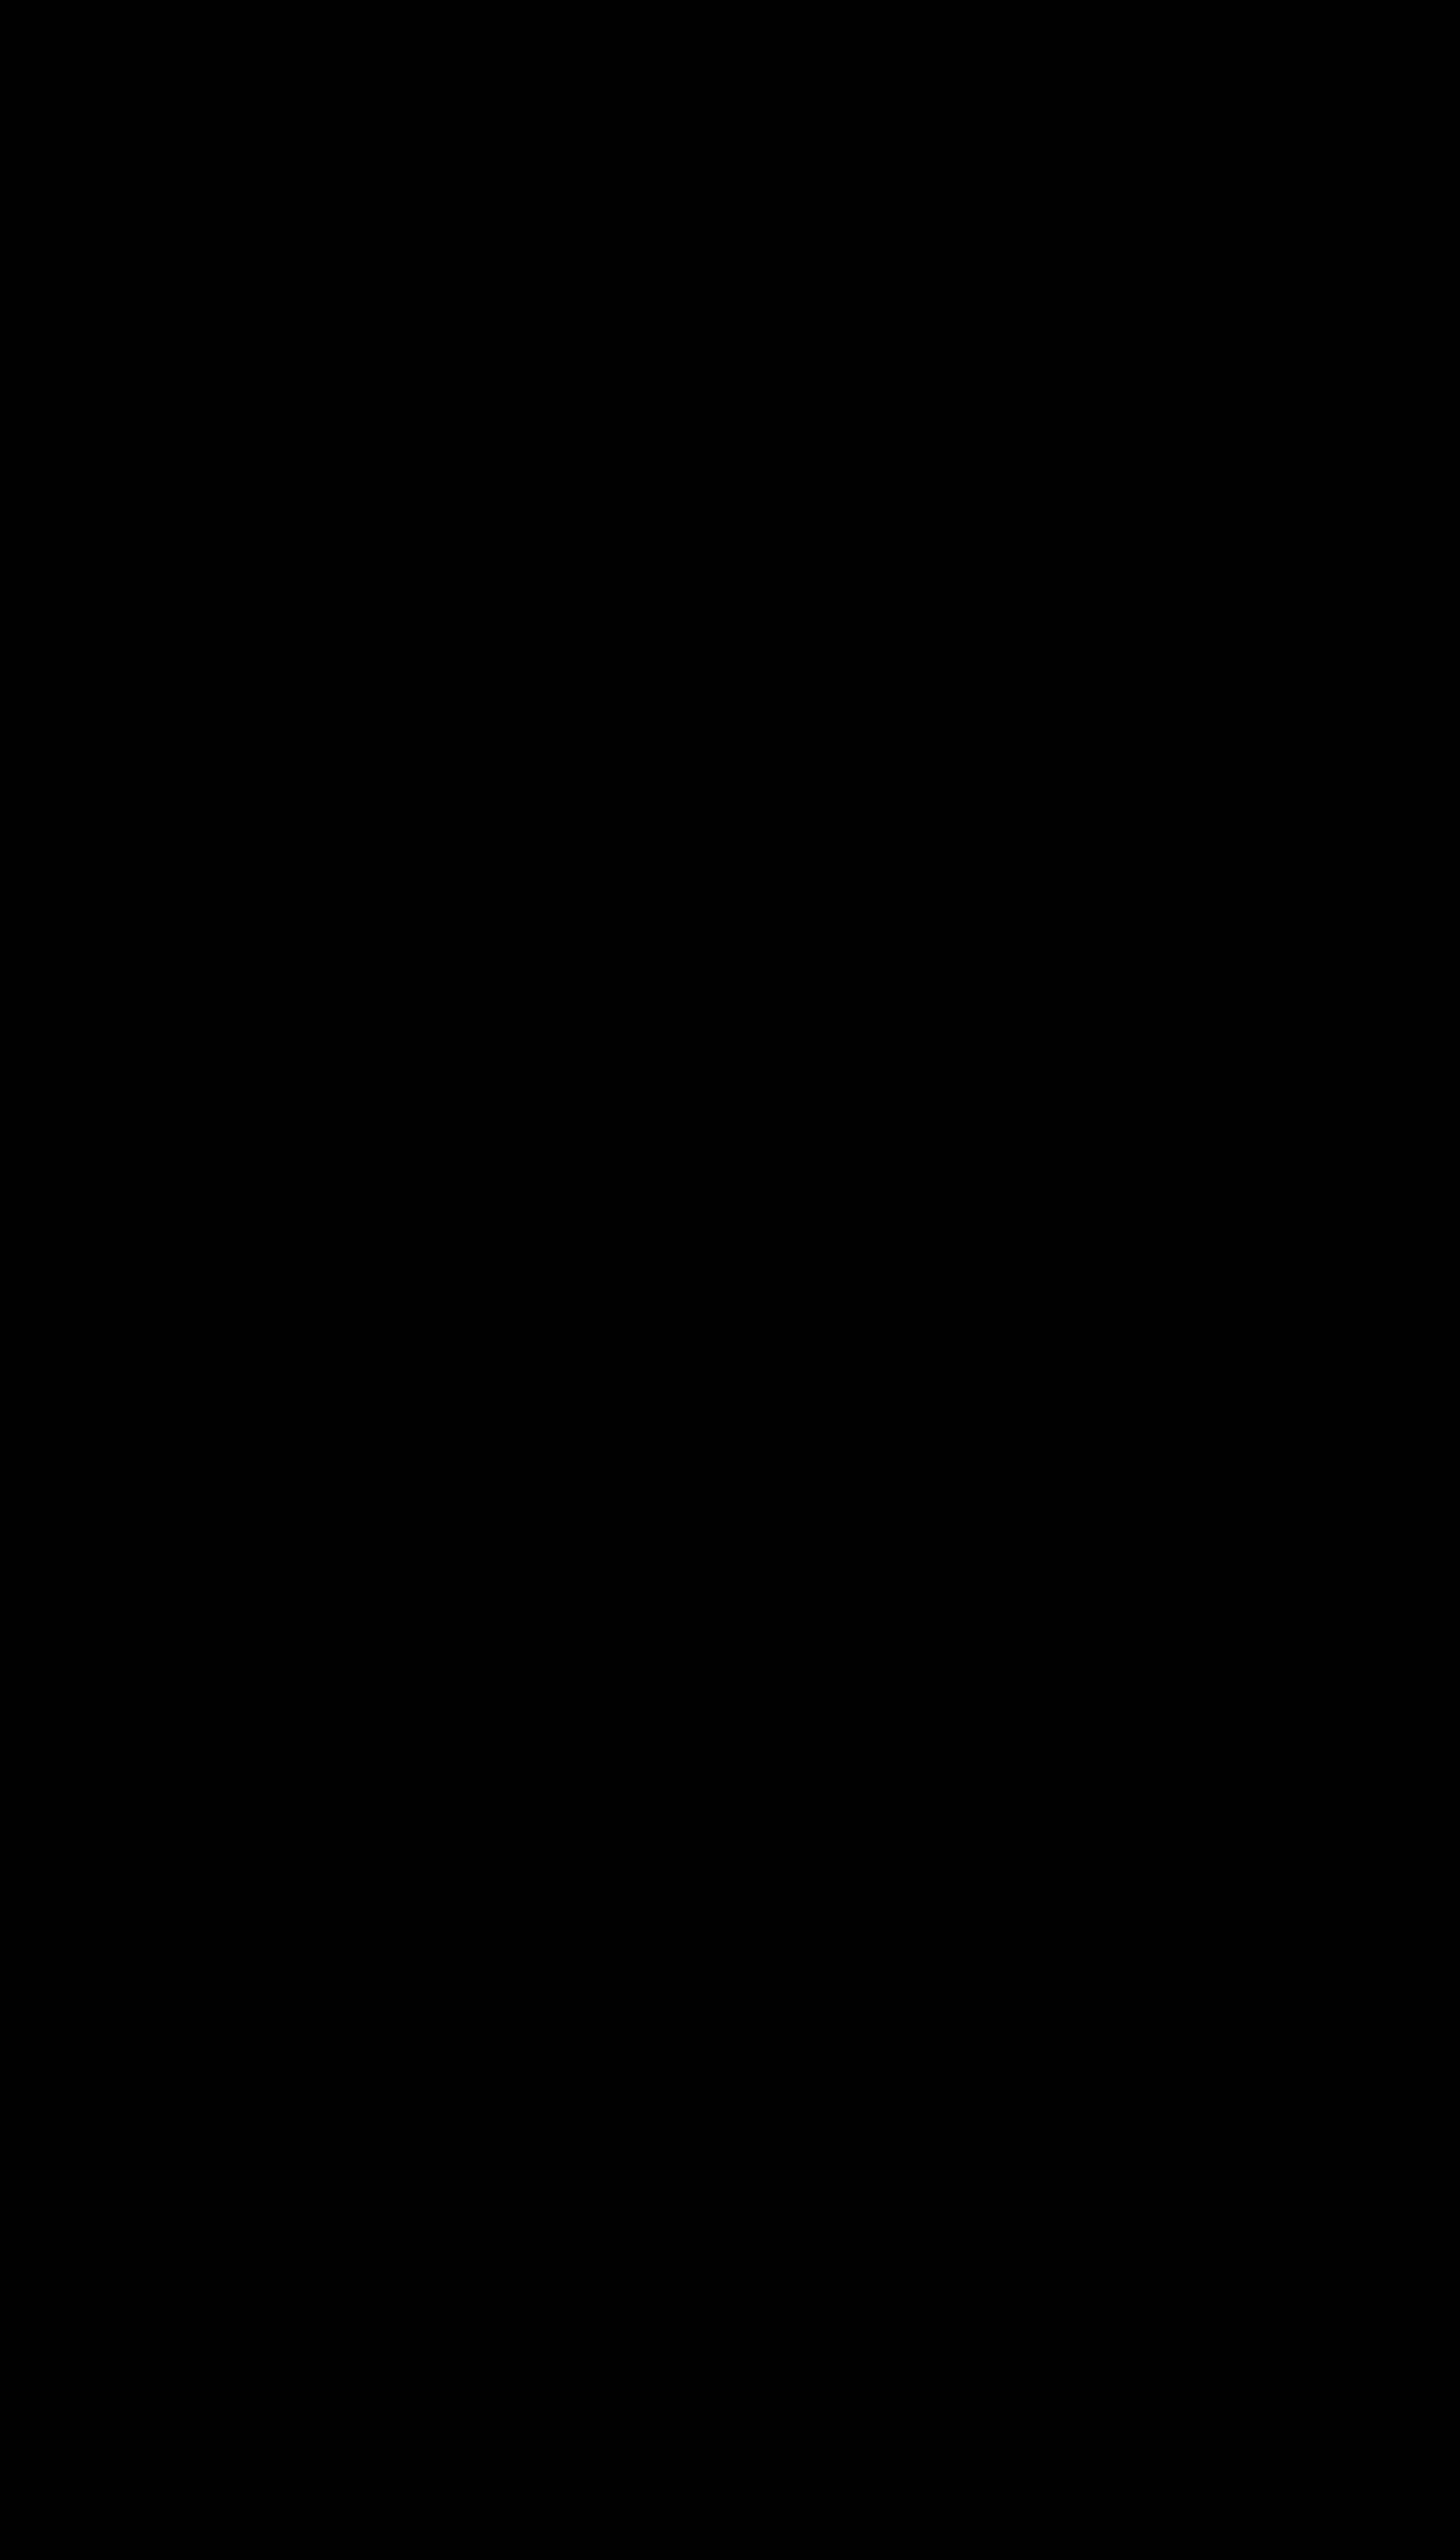 Math Test Prep BUNDLE 4th Grade Math Review   Math test prep [ 10752 x 6144 Pixel ]